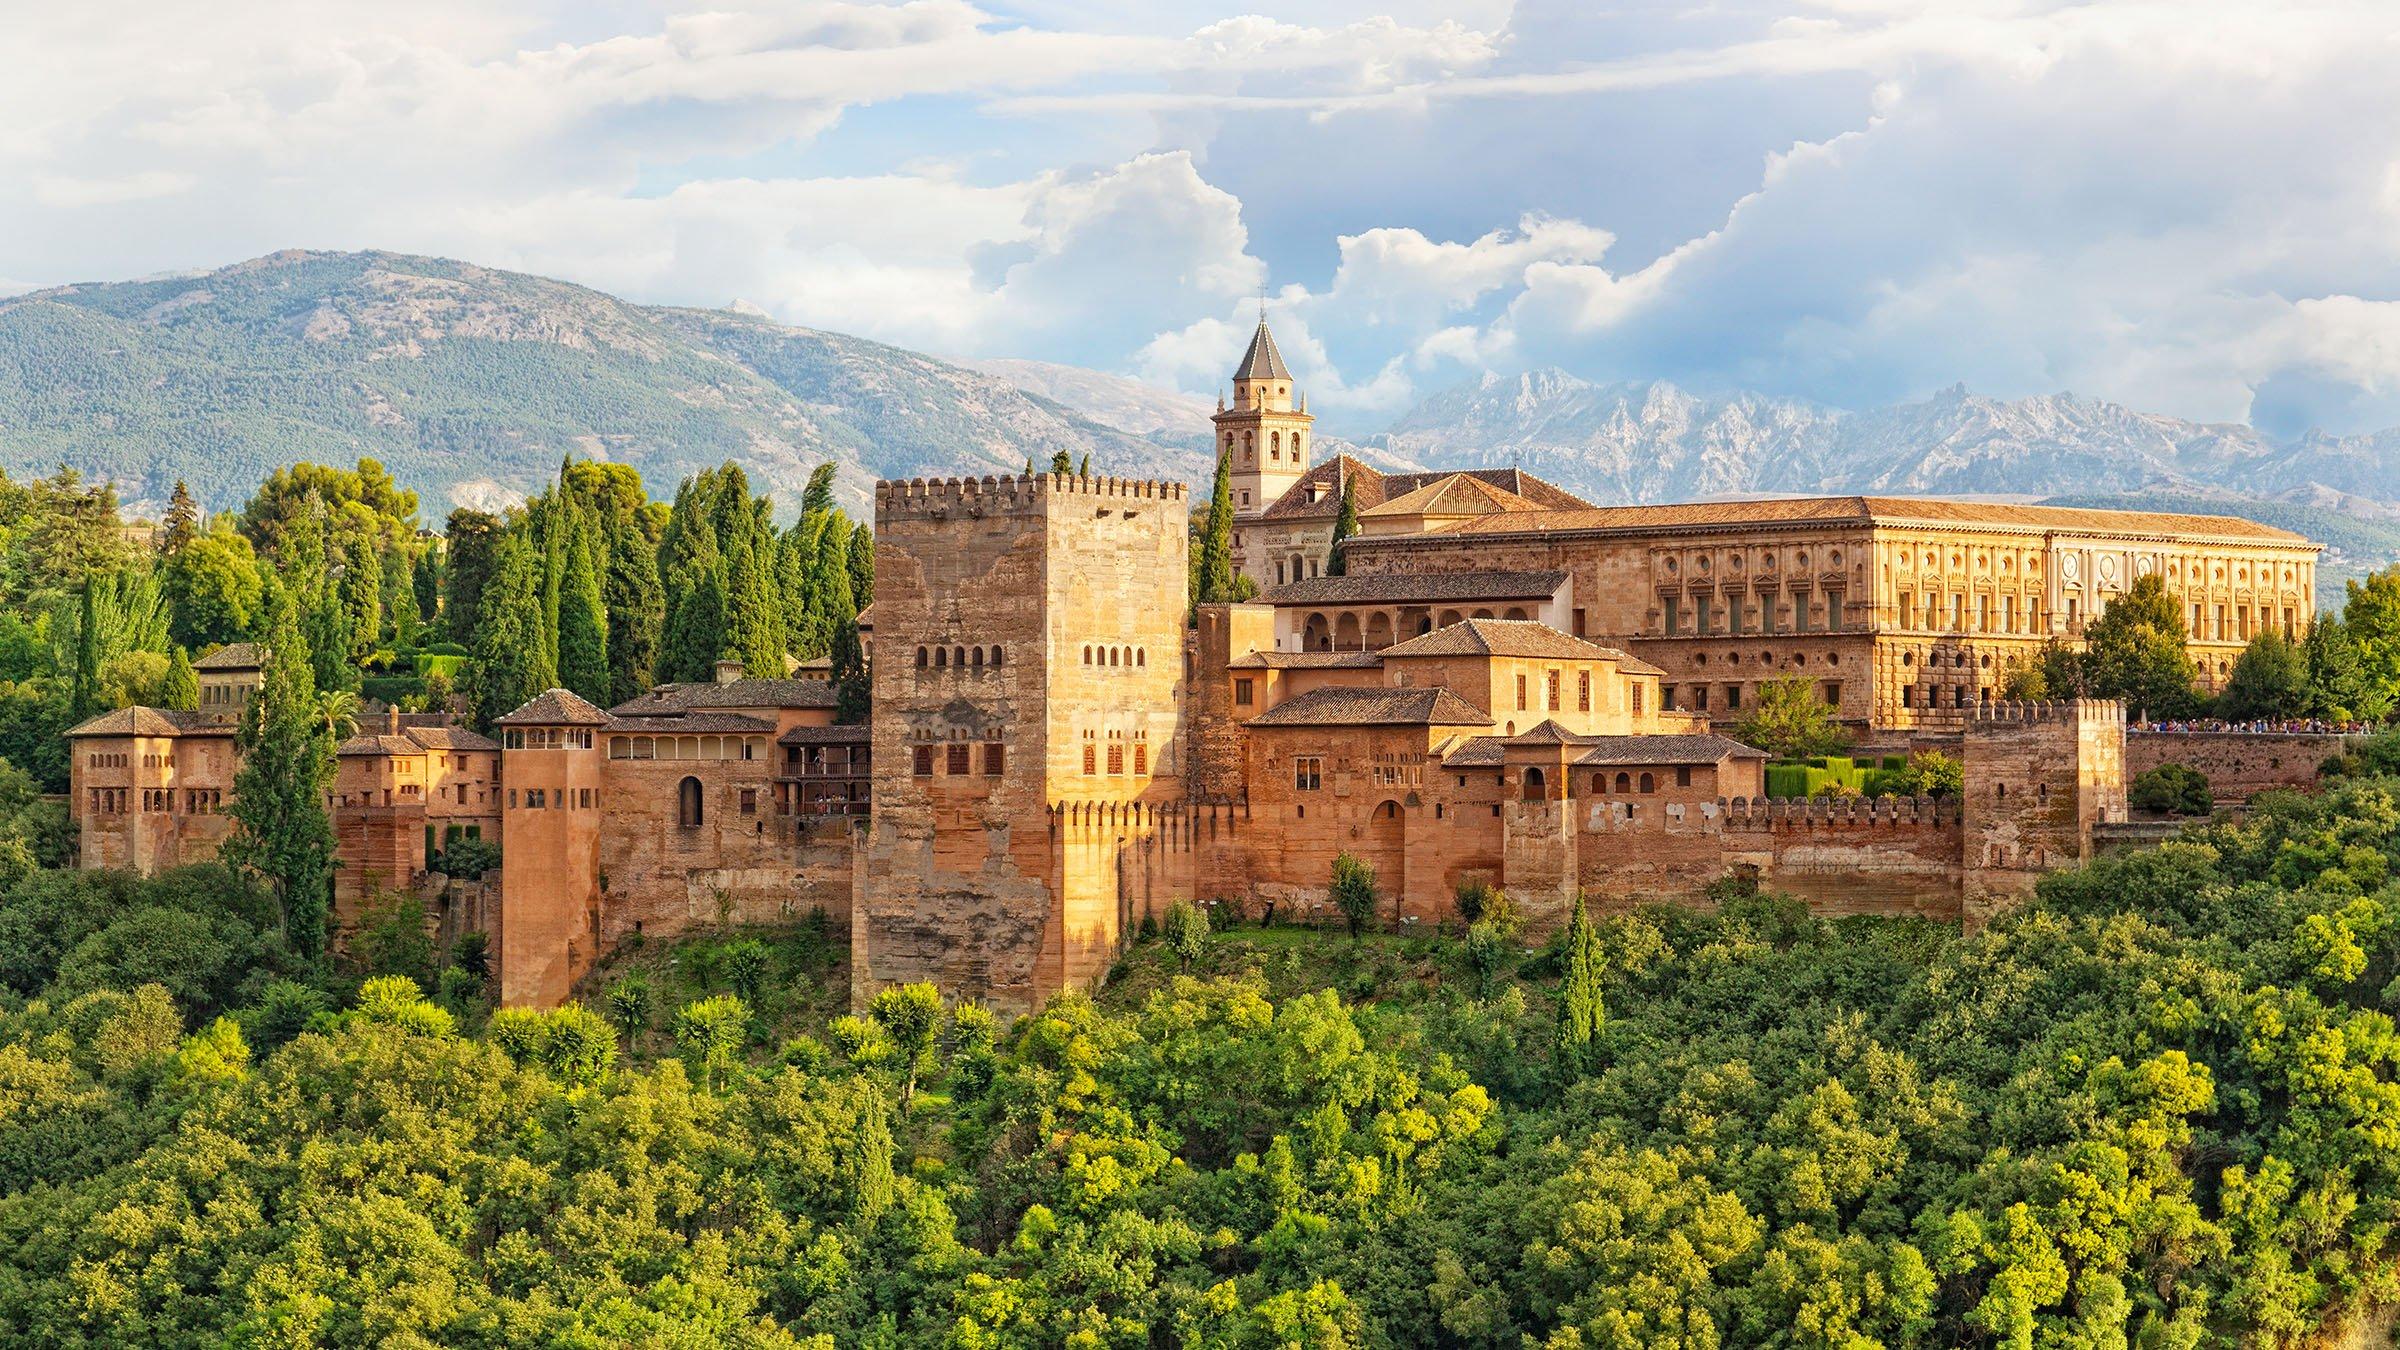 La alhambra de granada un vestigio de al ndalus - Viaje de novios espana ...